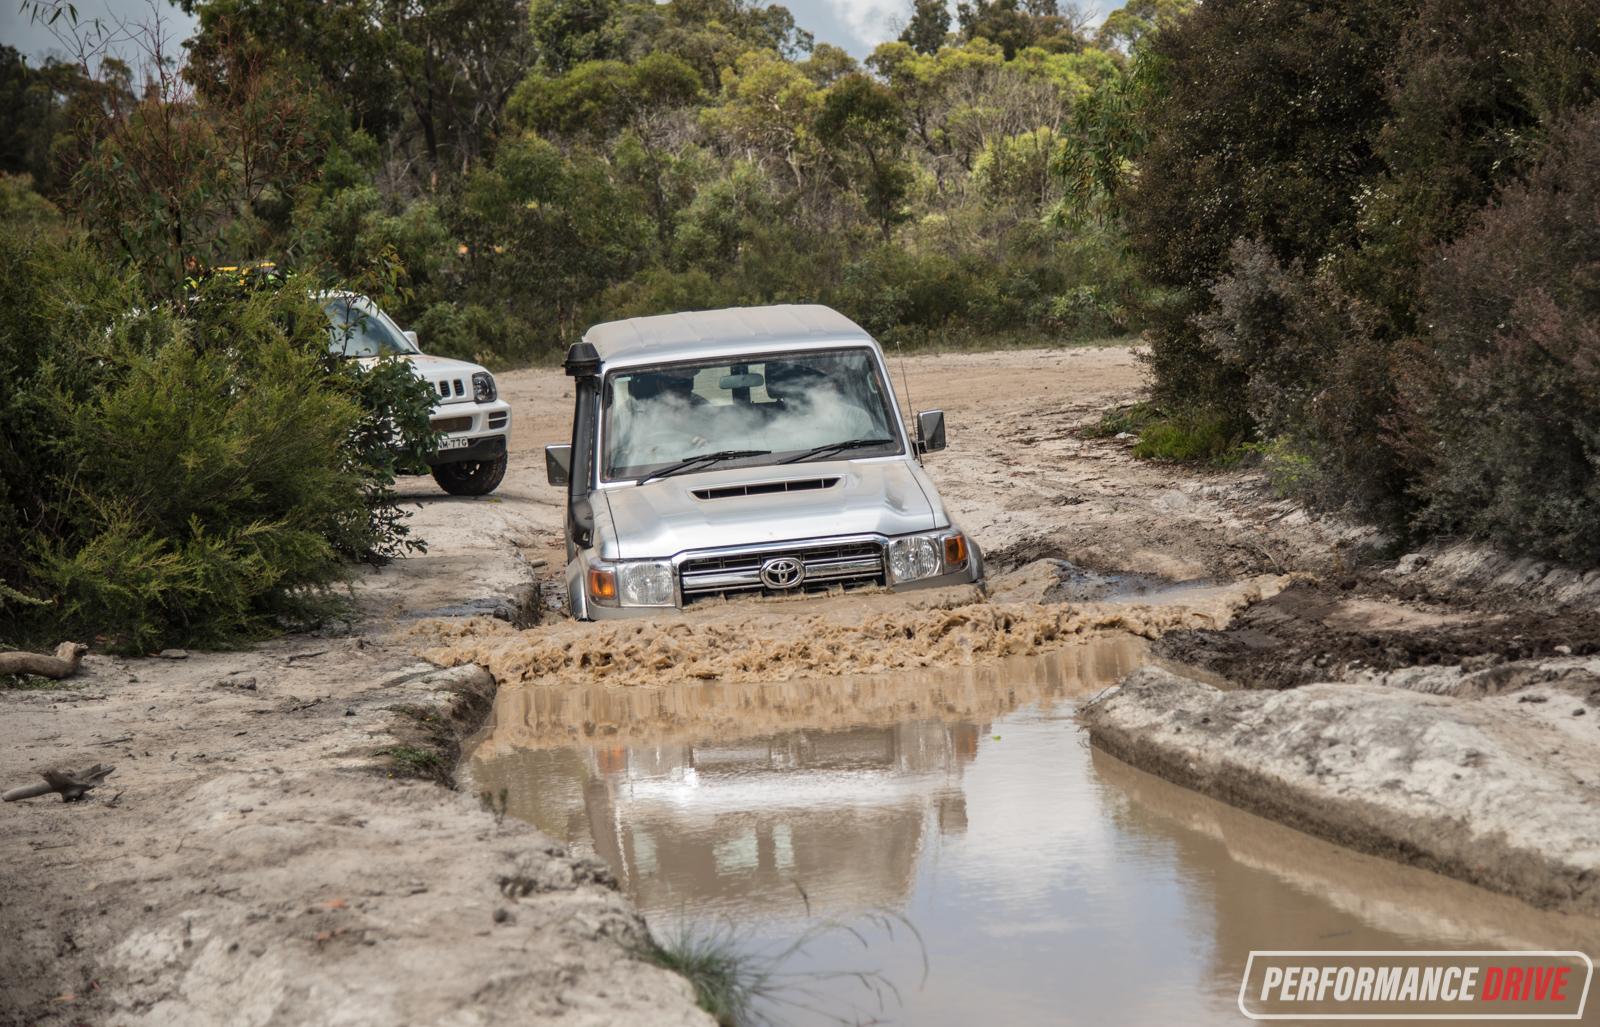 2017 Toyota Landcruiser 70 Series Gxl Wagon Review Video Land Cruiser Water Wade